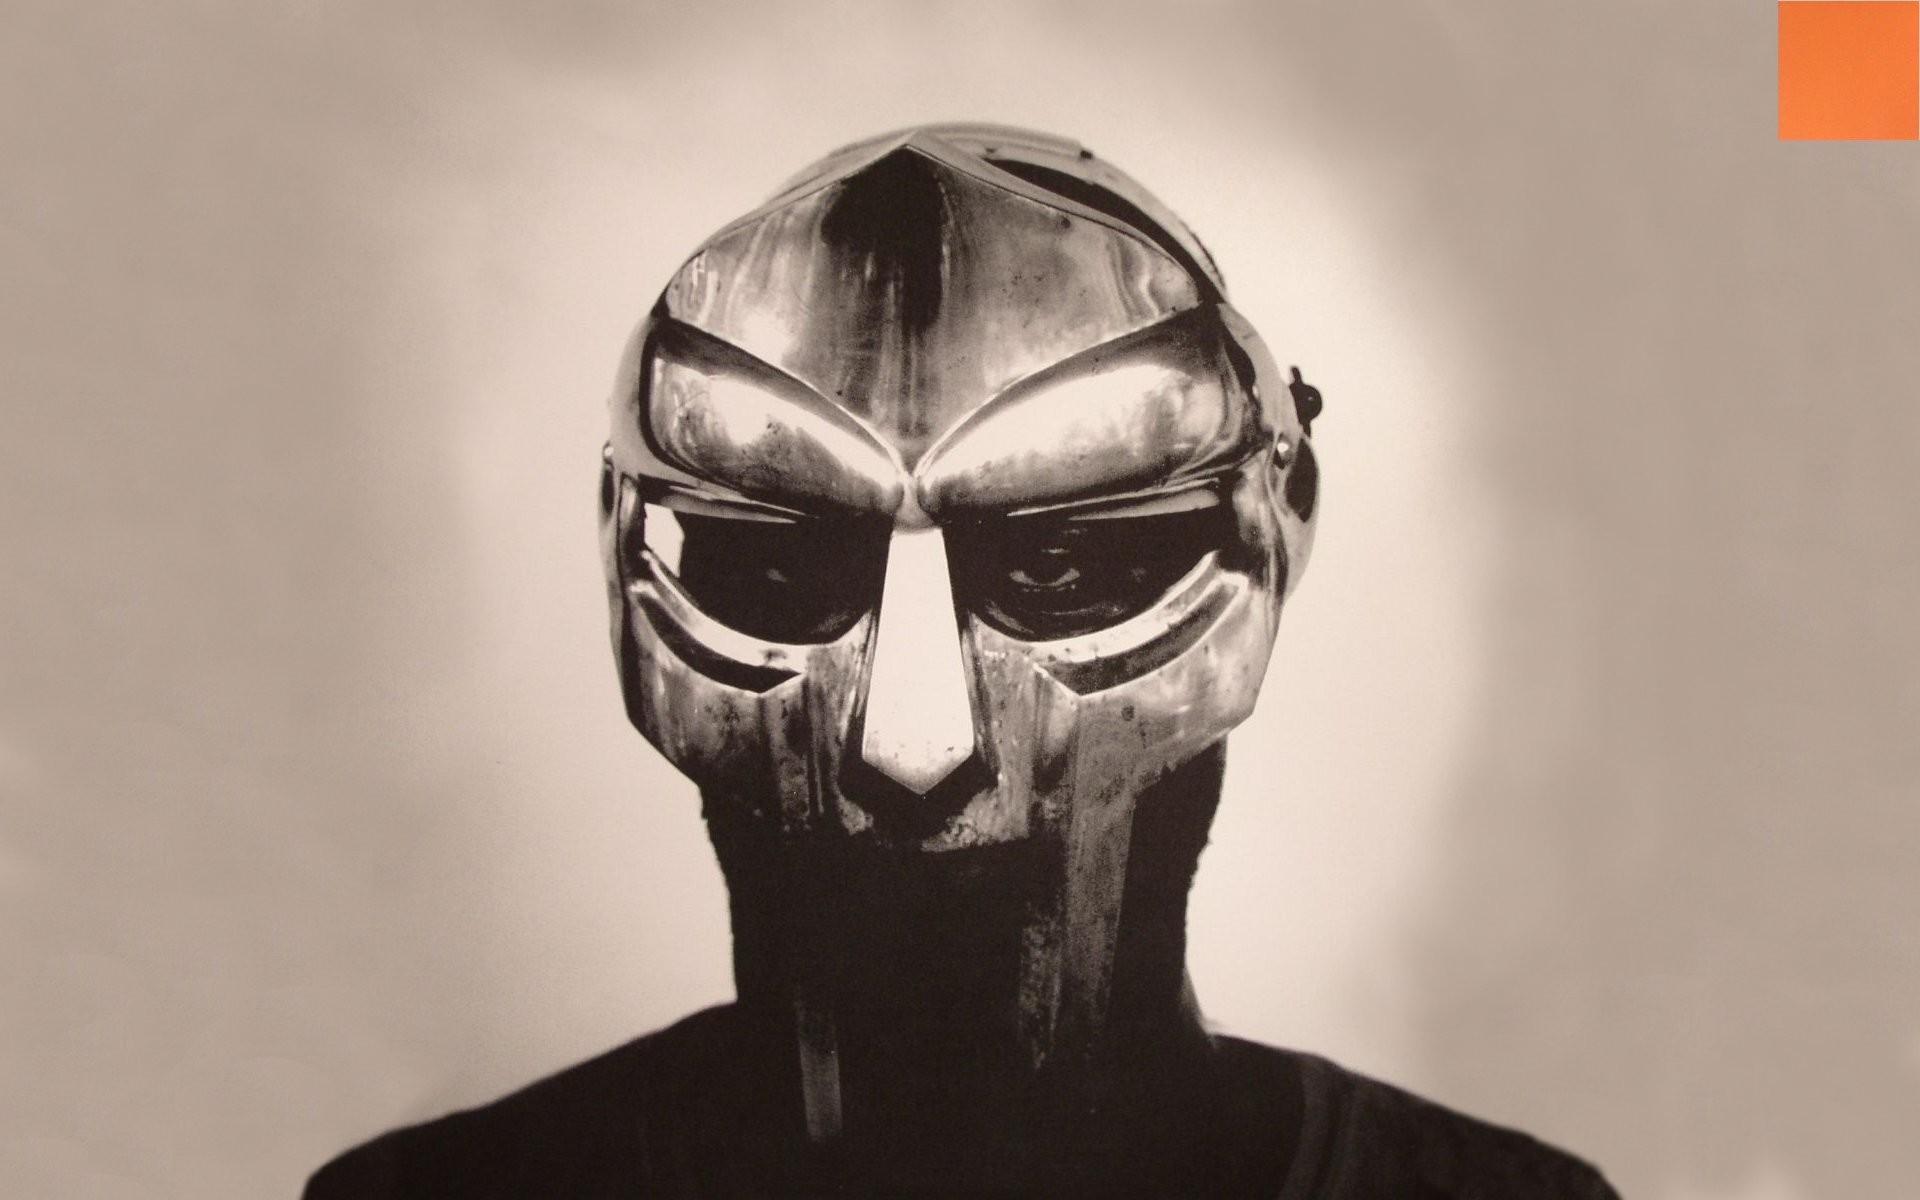 Helmet Mf Wallpaper Helmet, Mf, Doom, Album, Covers .